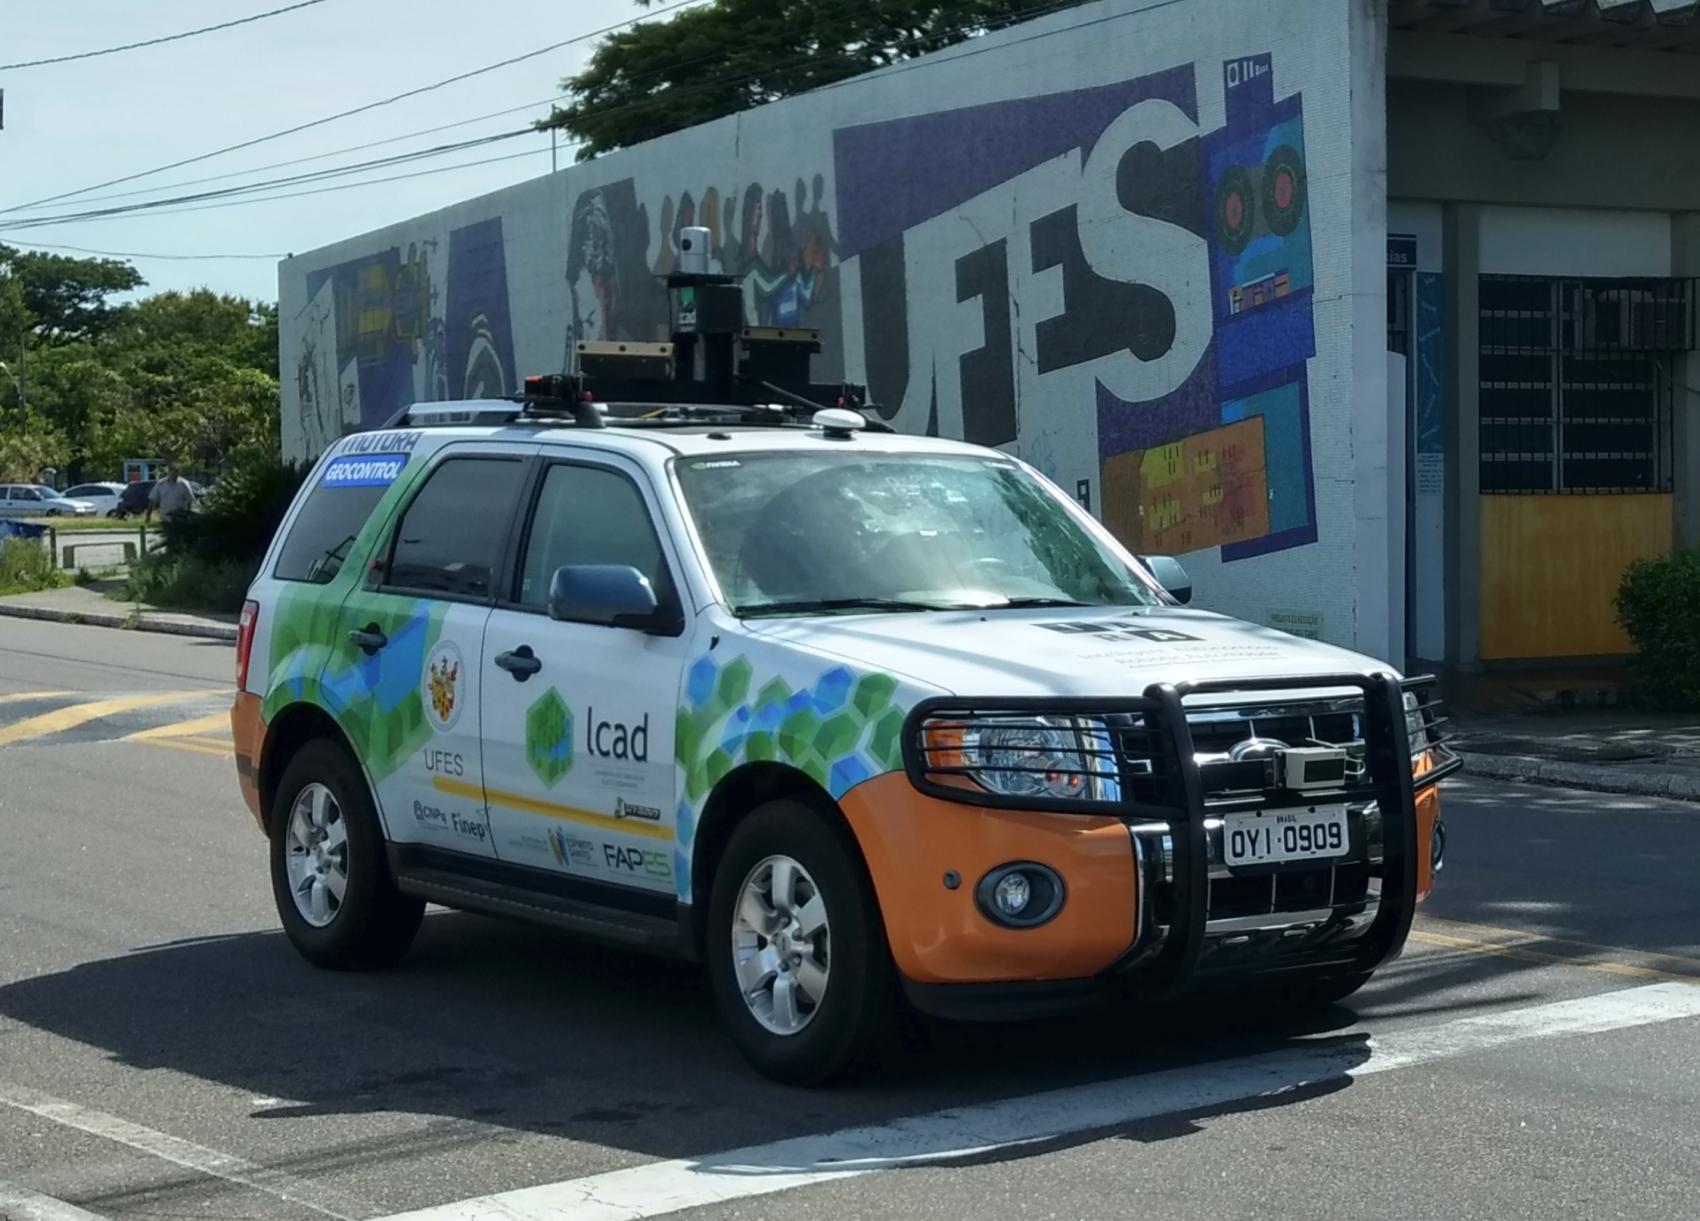 Iara circula no campus da Ufes: carro autônomo viajou 74 quilômetros entre Vitória e Guarapari a uma velocidade média de 45 km/h (Foto: Divulgação)